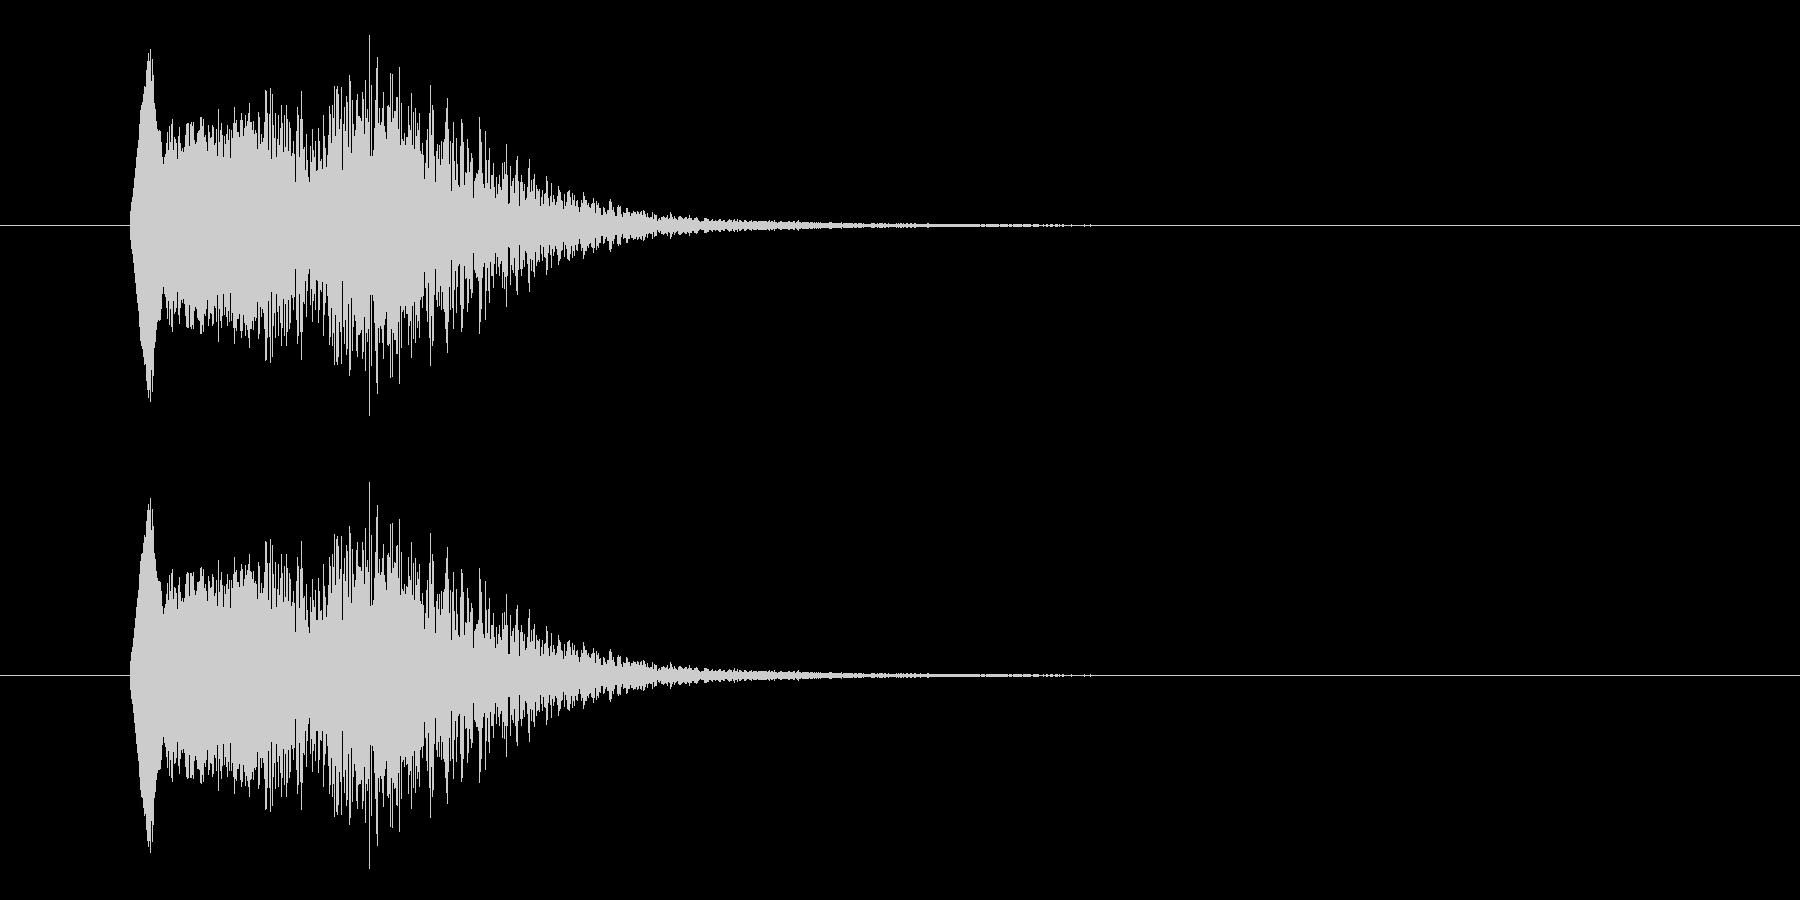 コミカルな失敗音の未再生の波形